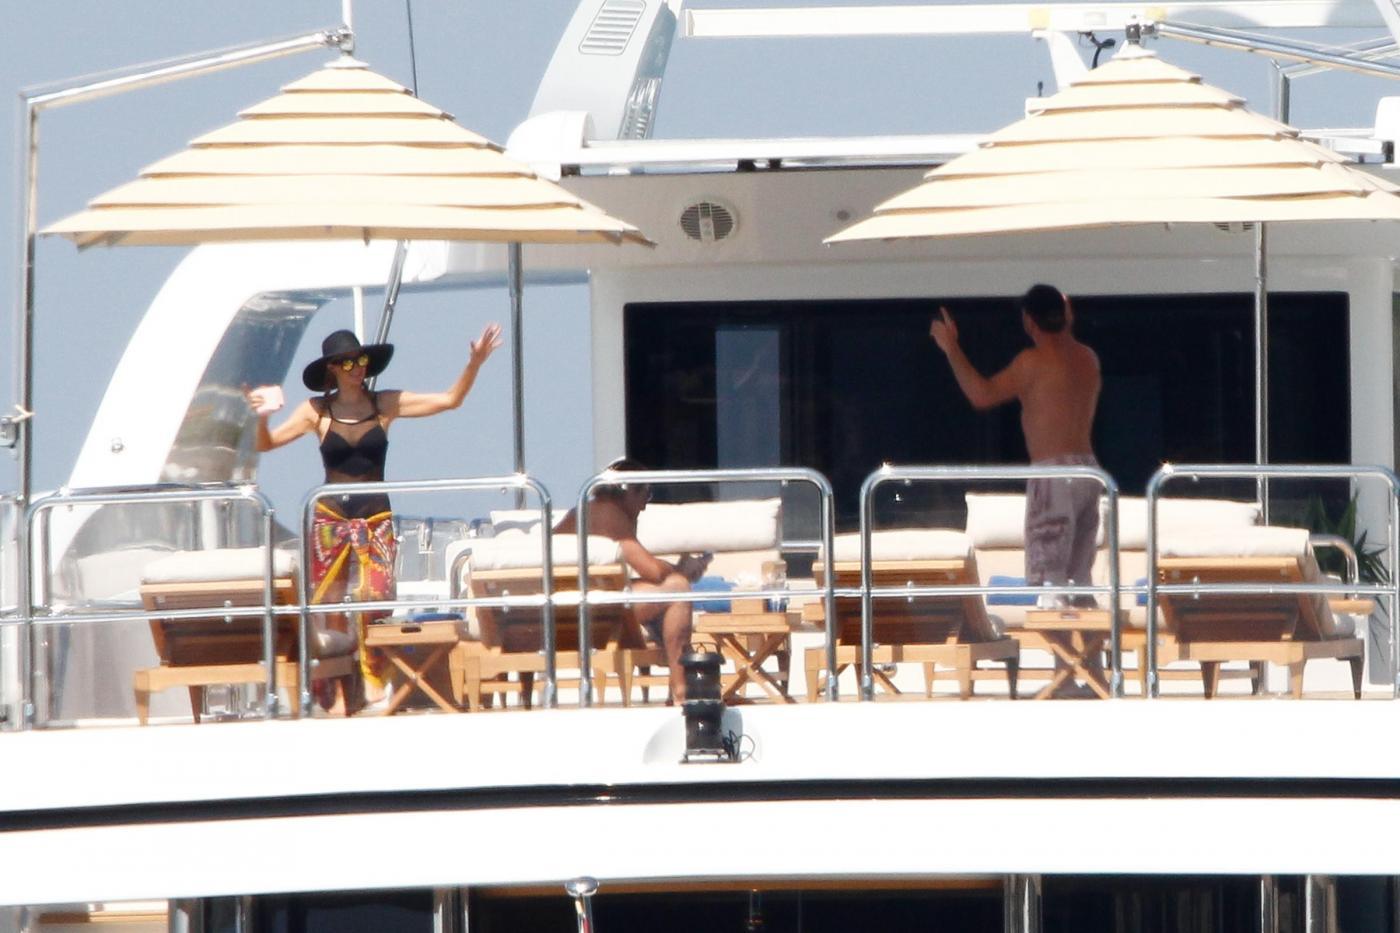 Paris Hilton e fidanzato a Formentera: sole, amore e yacht da sogno02